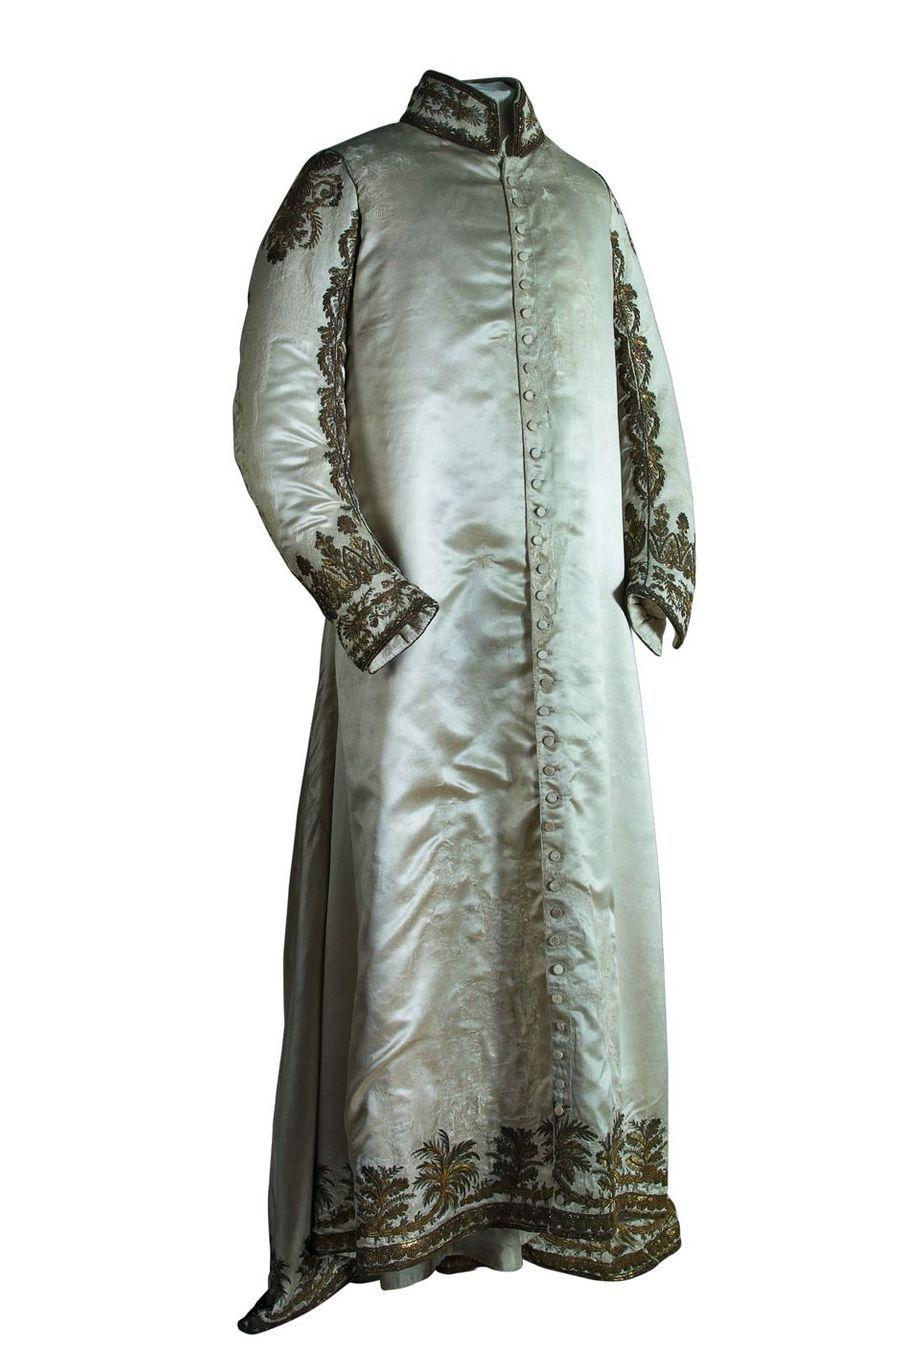 Tunique de l'Empereur pour le sacre. Musée Napoléon Ier au château de Fontainebleau